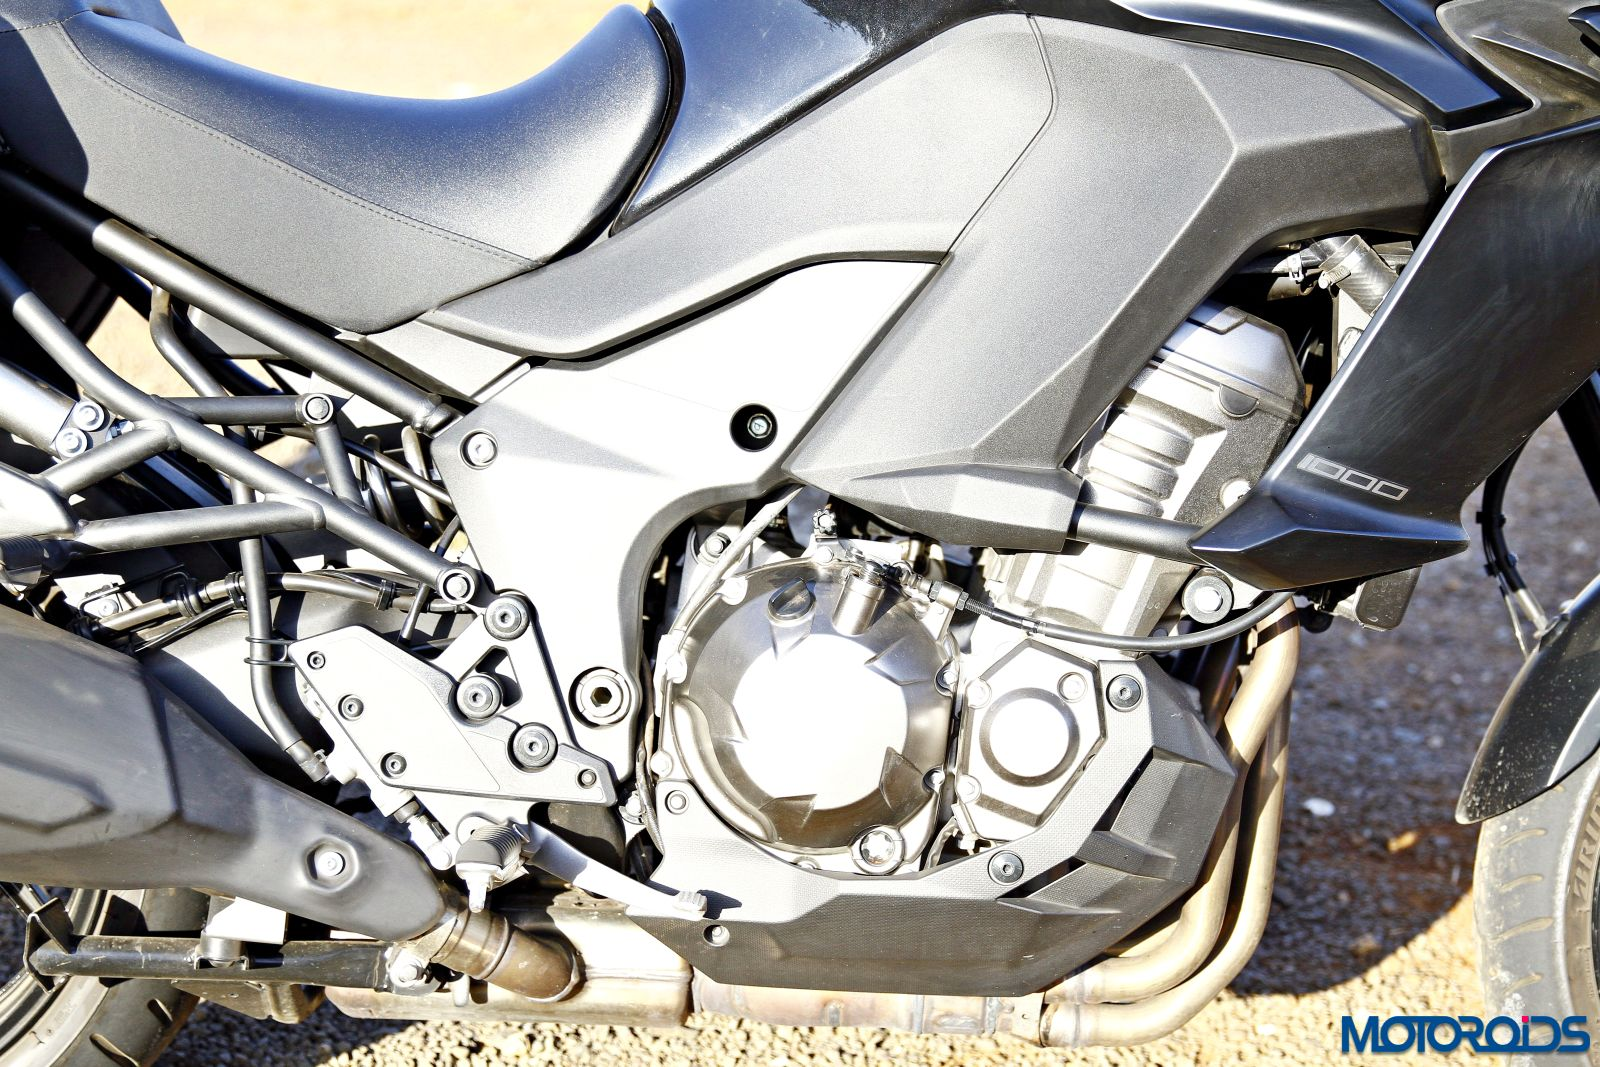 2015 Kawasaki Versys 1000 engine